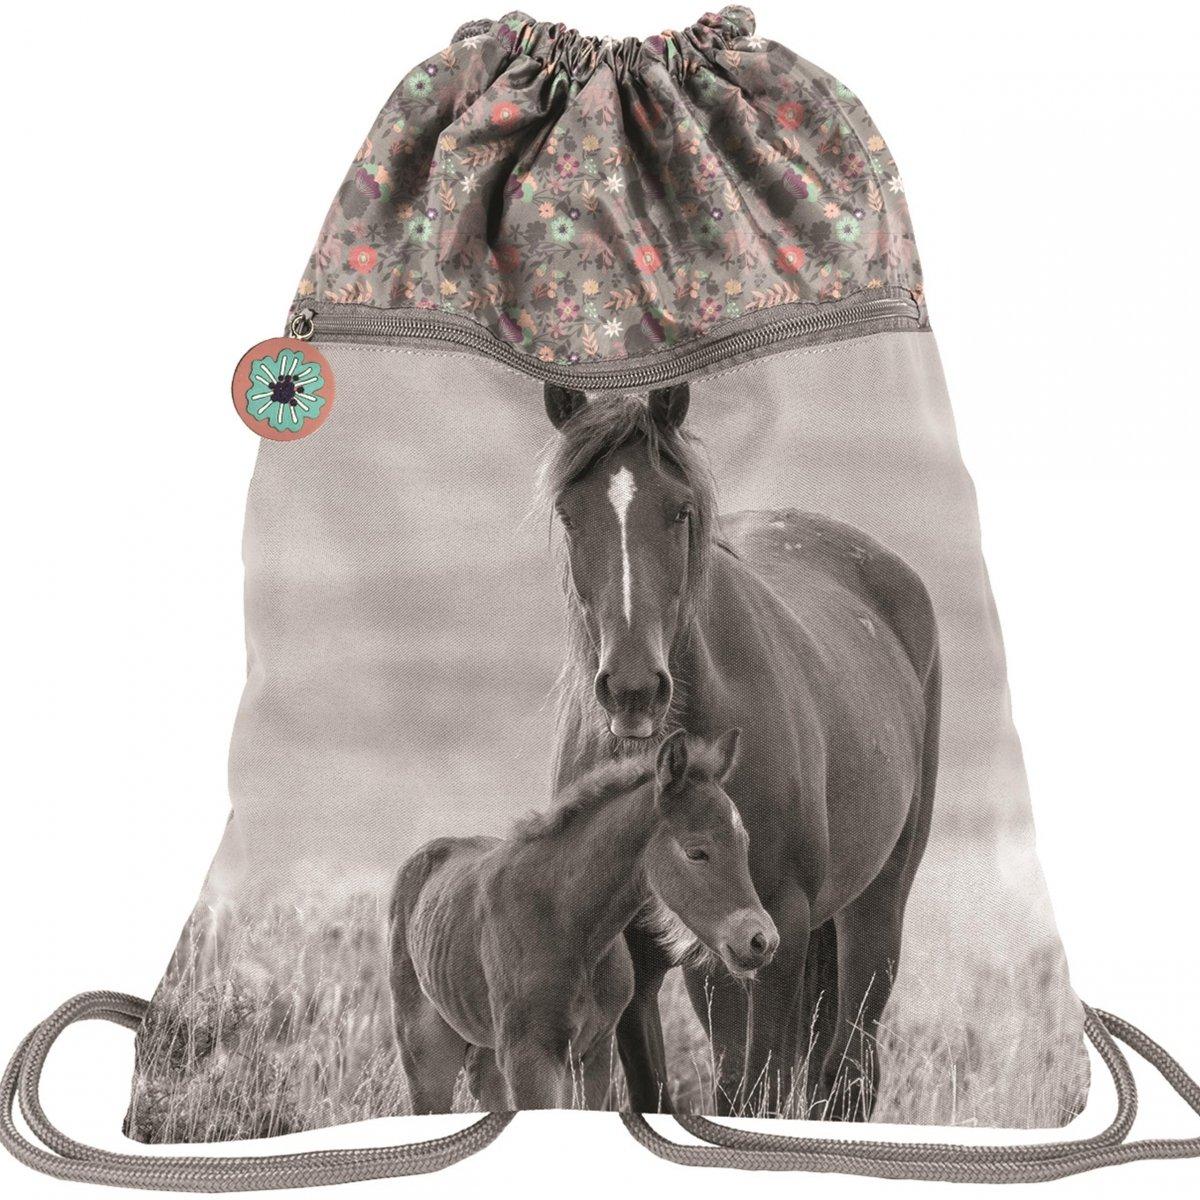 Duzy Worek W Konie Dla Dziewczyny Na Obuwie Buty Kapcie 2 Komorowy Pp20ko 713 Iplecaki Pl